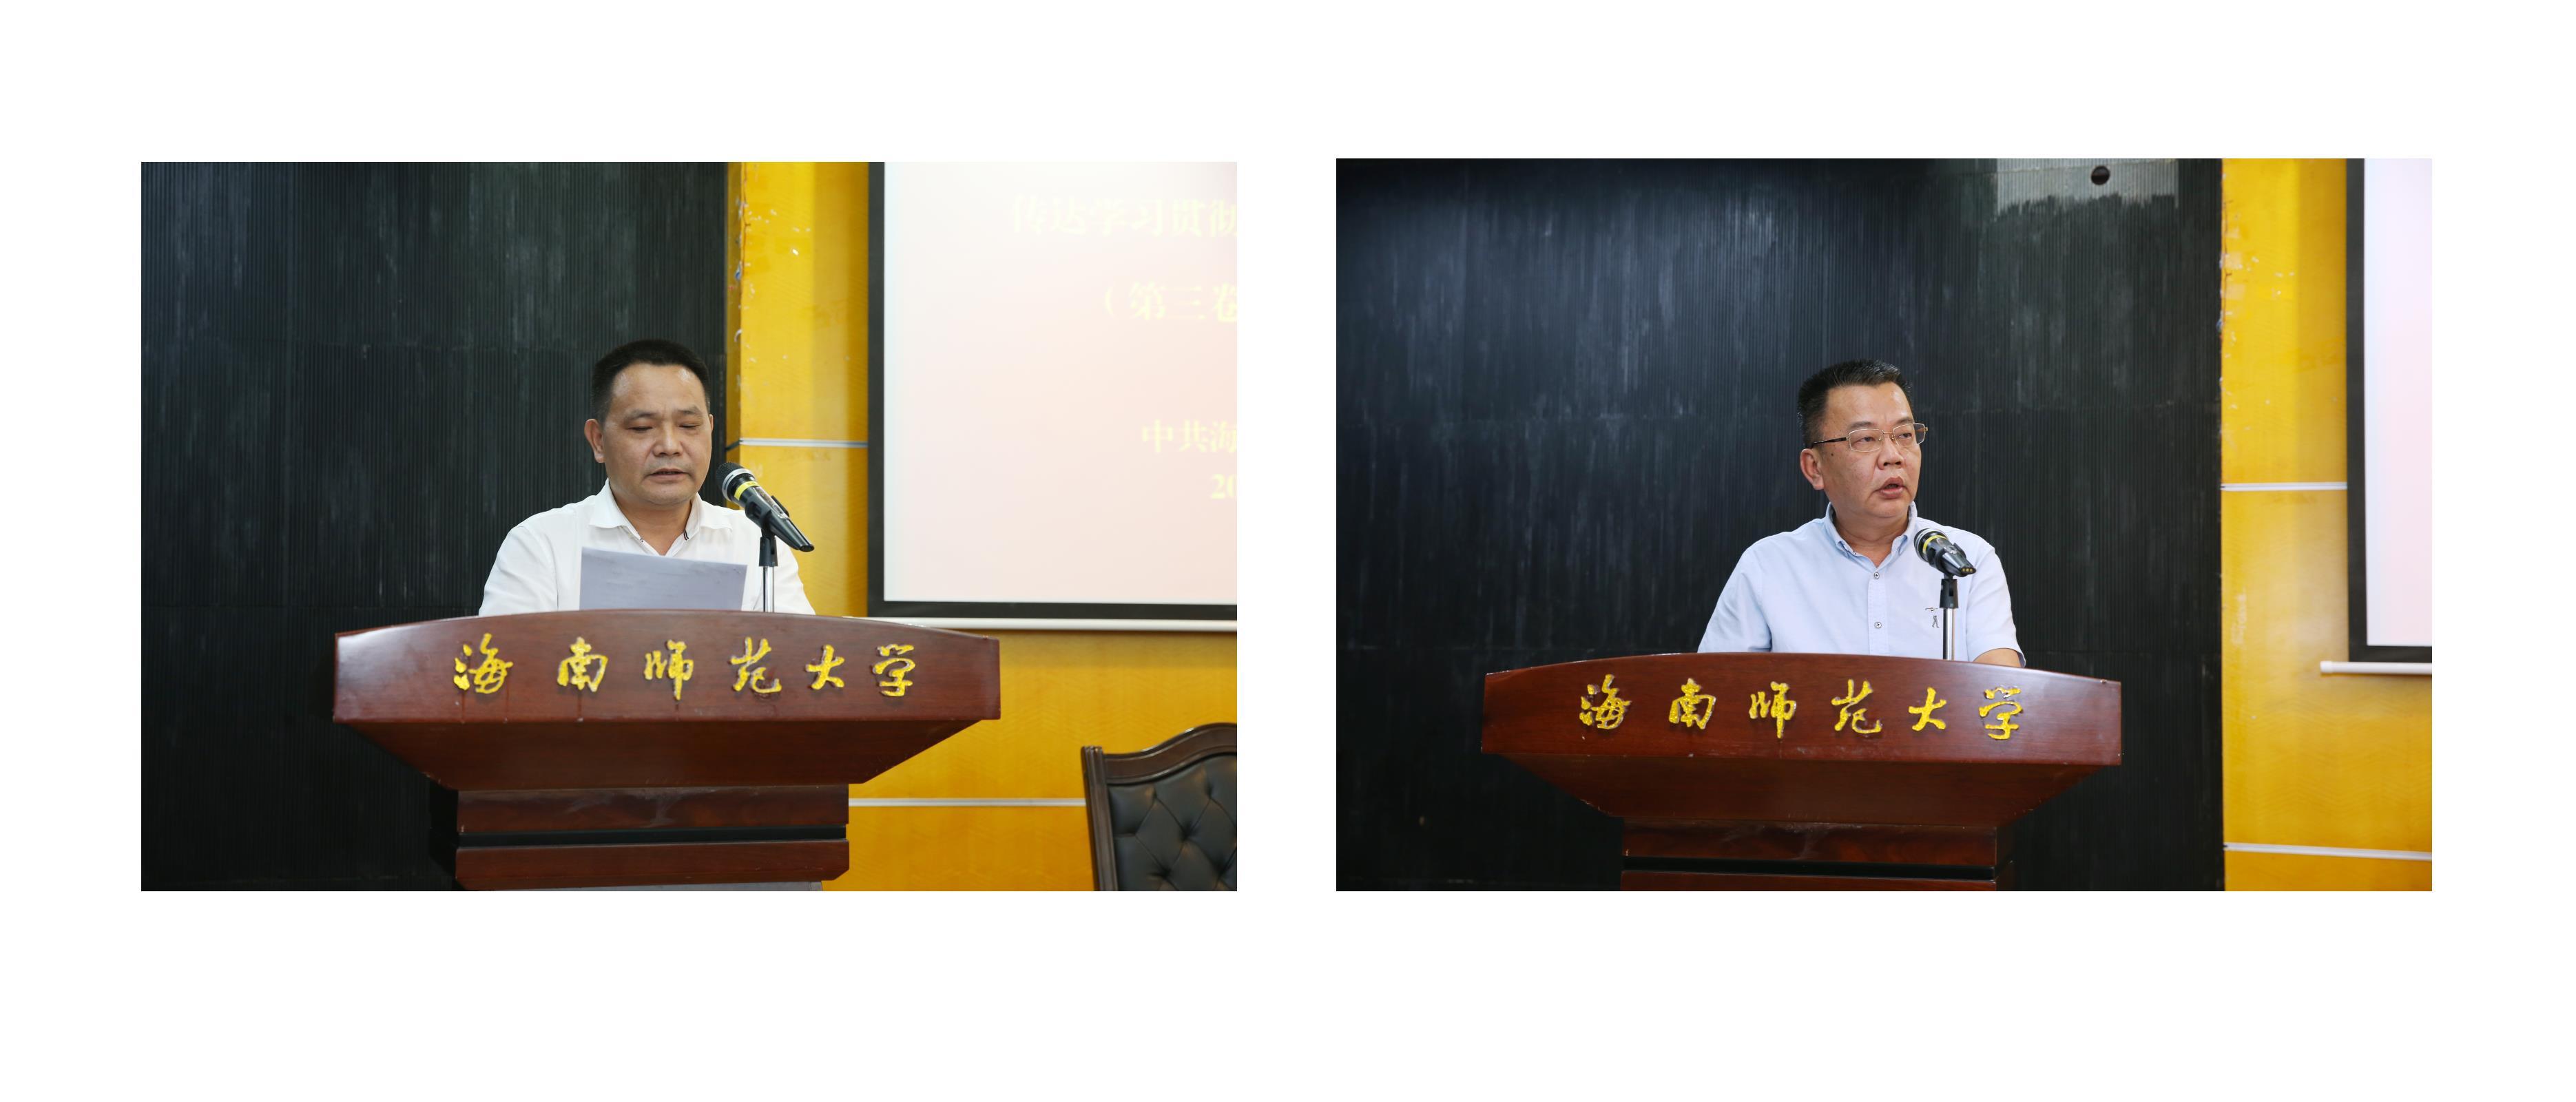 李红梅上强调:落实立德树人根本任务  用习近平新时代中国特色社会主义思想武装头脑 指导实践 推动工作